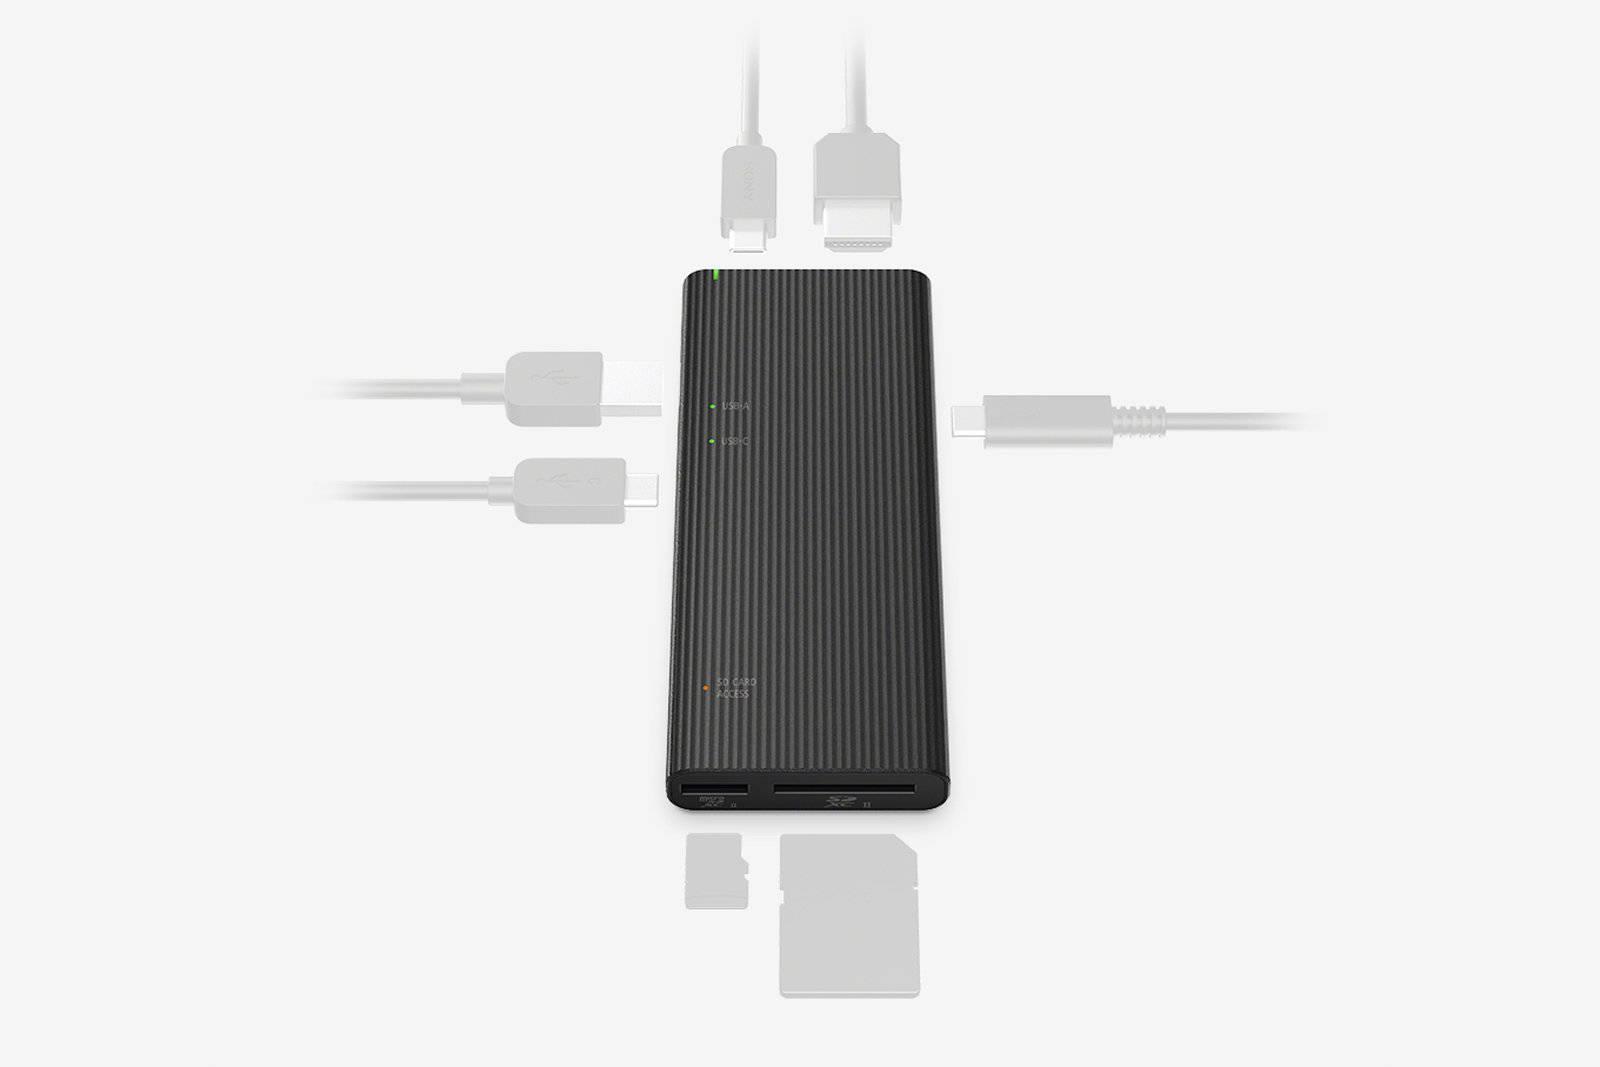 Sony MRW-S3 hub USB